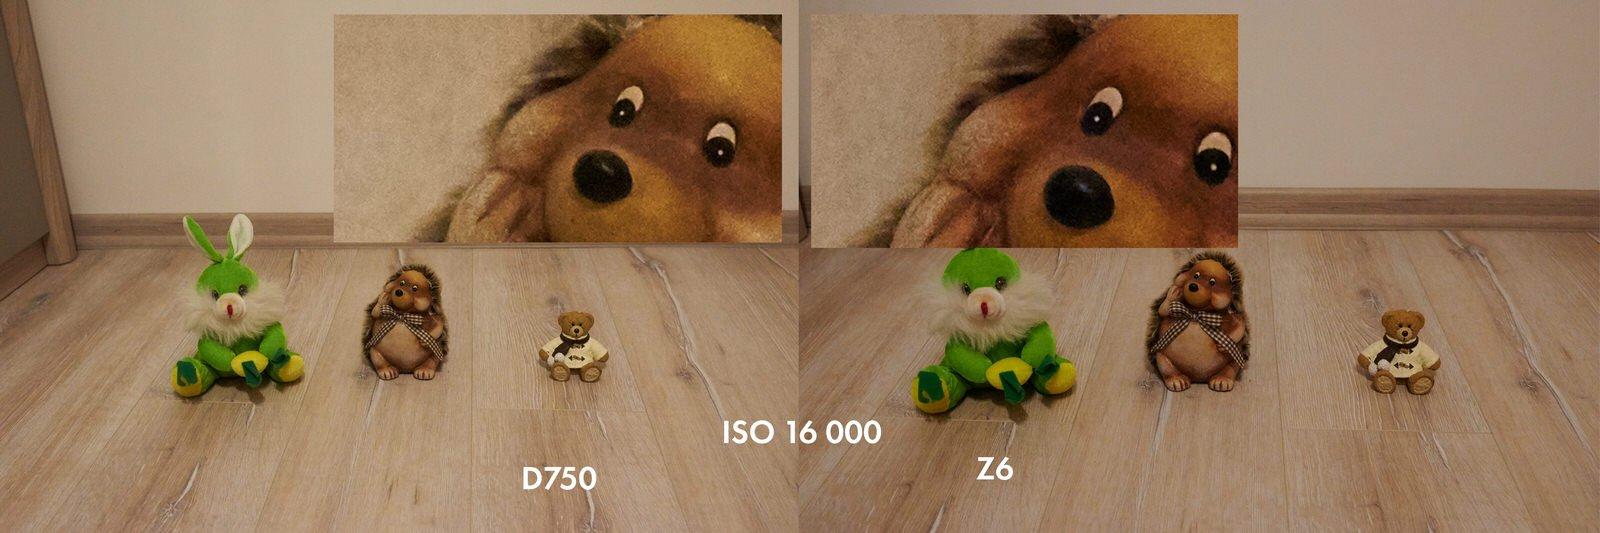 Recenzja Nikon Z6 w fotografii ślubnej | Porównanie do Nikona D750 14